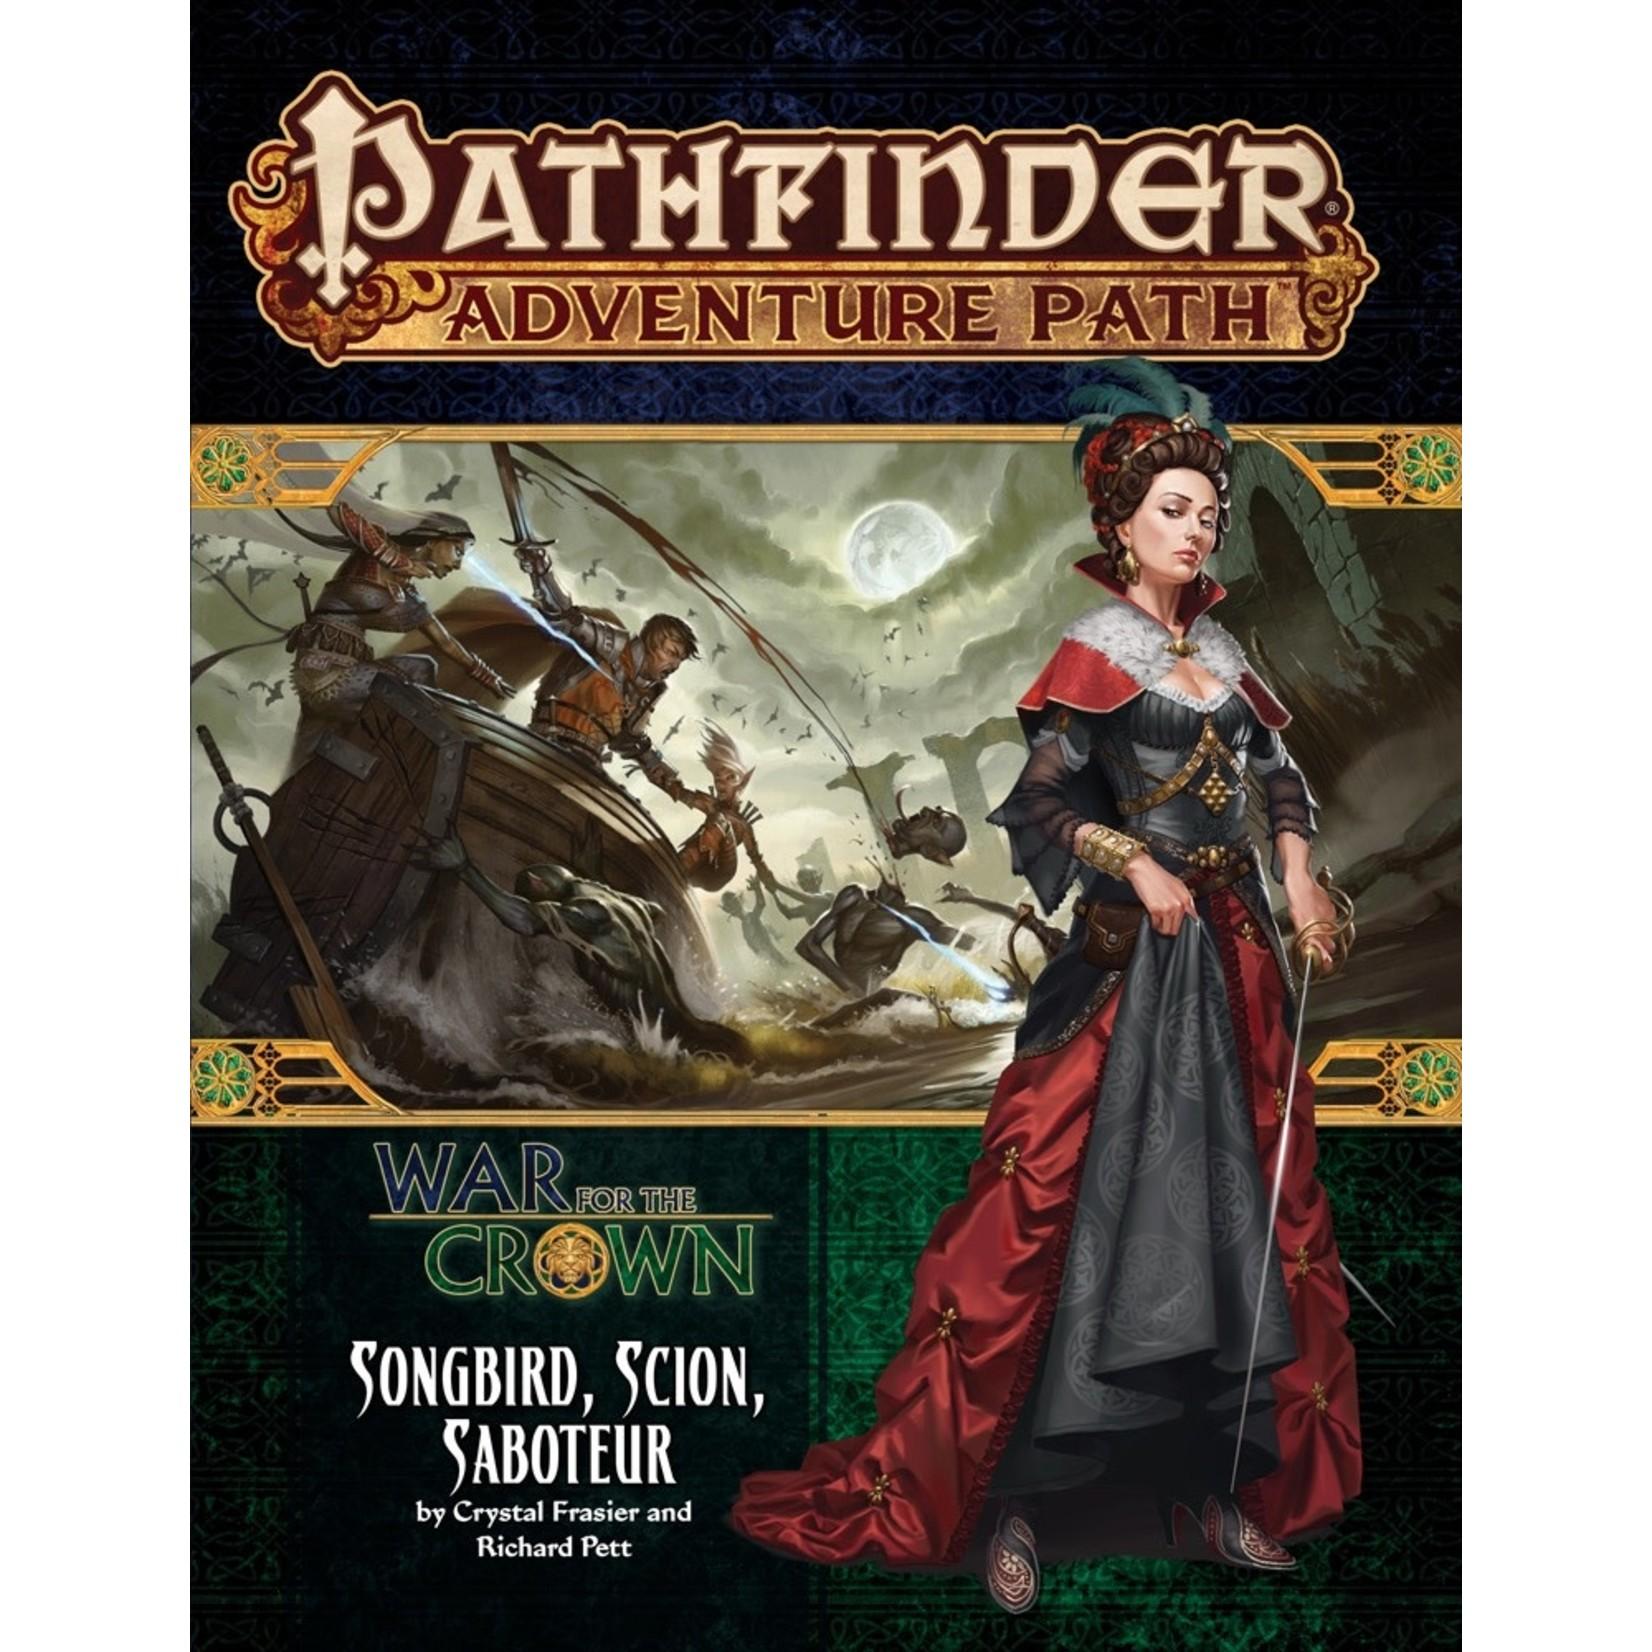 Pathfinder Adventure Path: War for the Crown #2 - Songbird, Scion, Saboteur